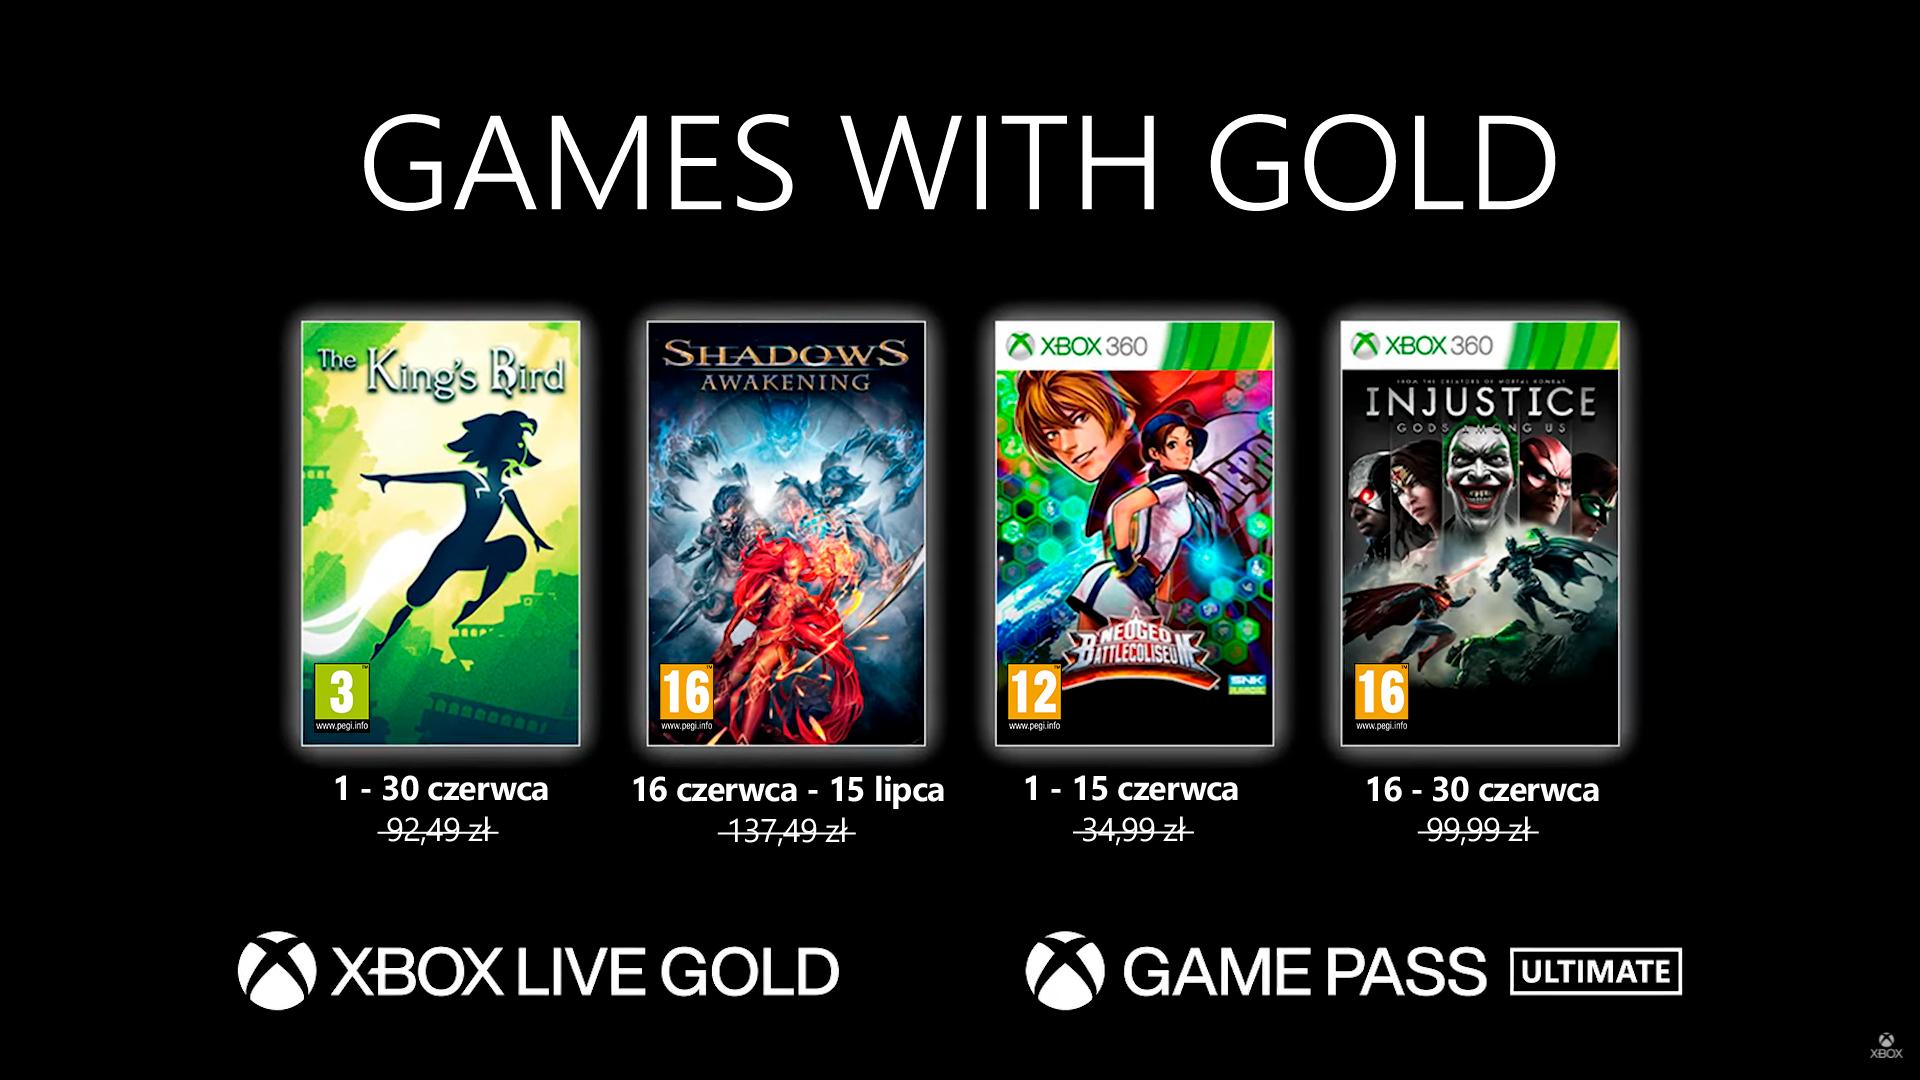 Kolejny miesiąc, w którym Xbox się nie popisał. Jak dobre jest Injustice, tak chyba wszyscy go zdążyli ograć (źródło: Xbox Polska)